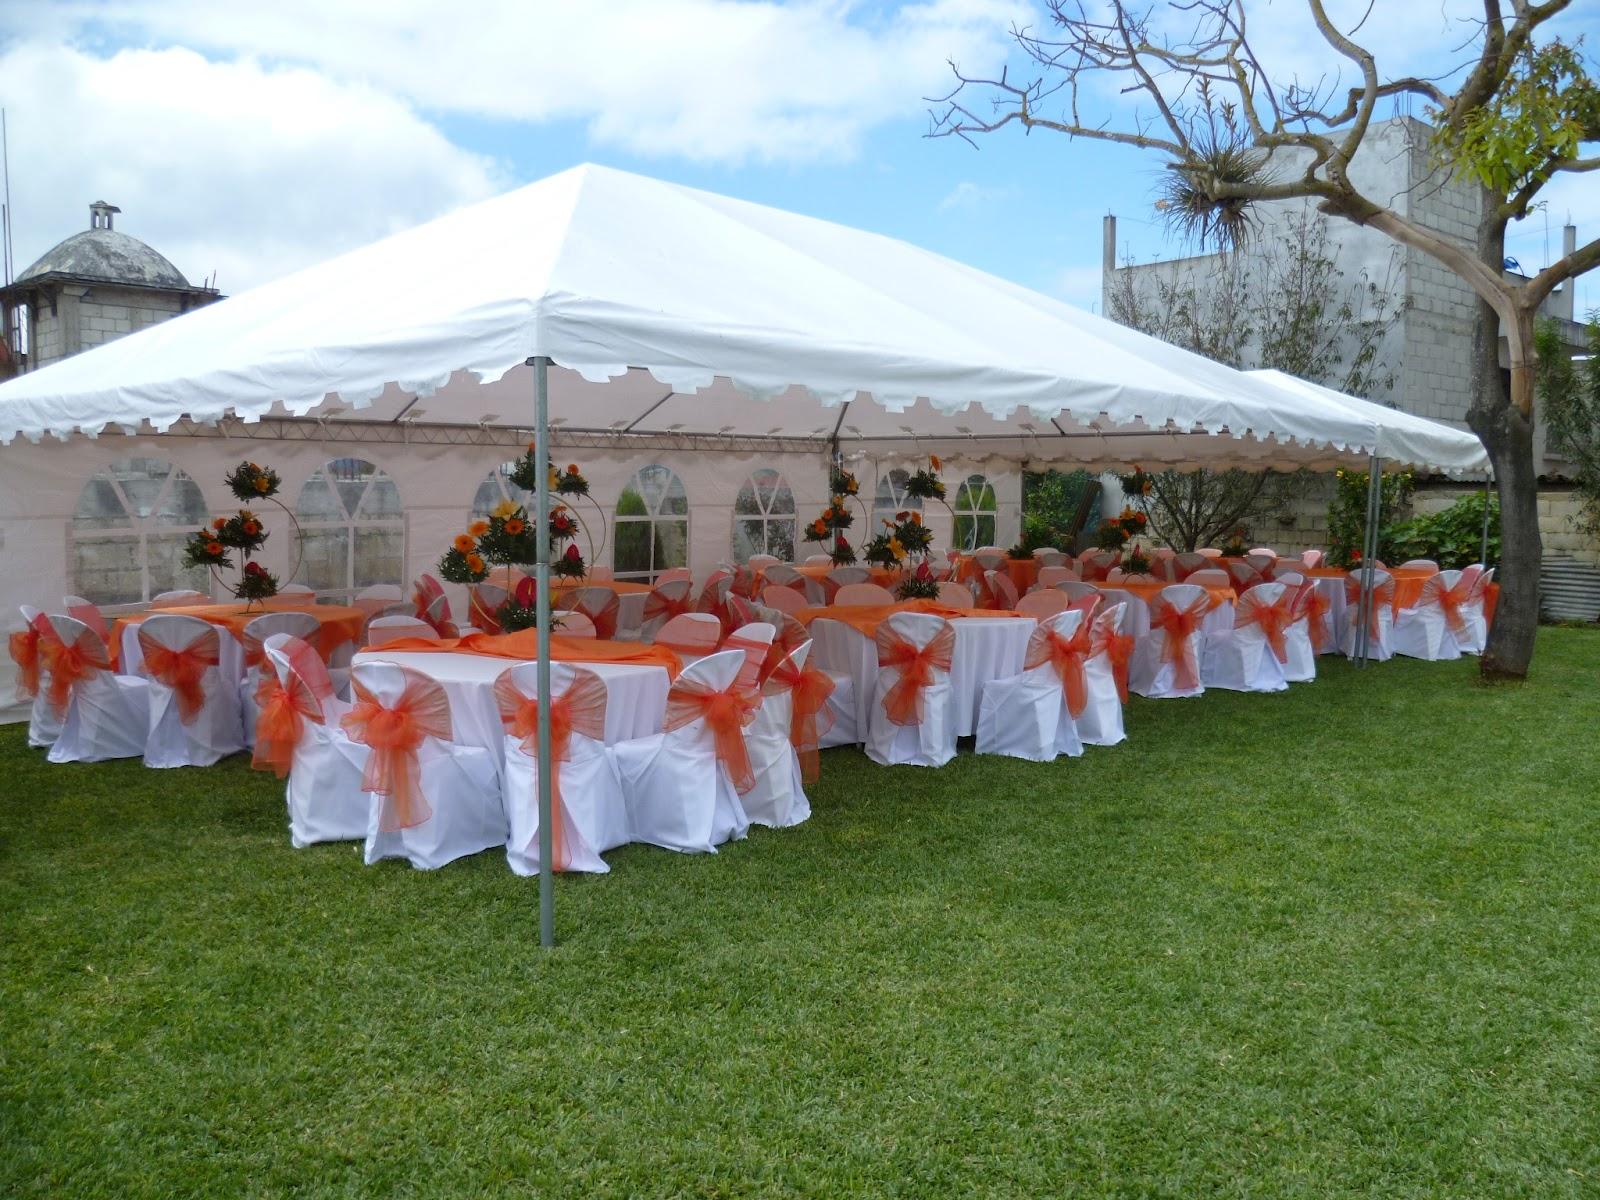 Fiestas decoraciones jaridn tulipanes - Decoraciones de jardin ...